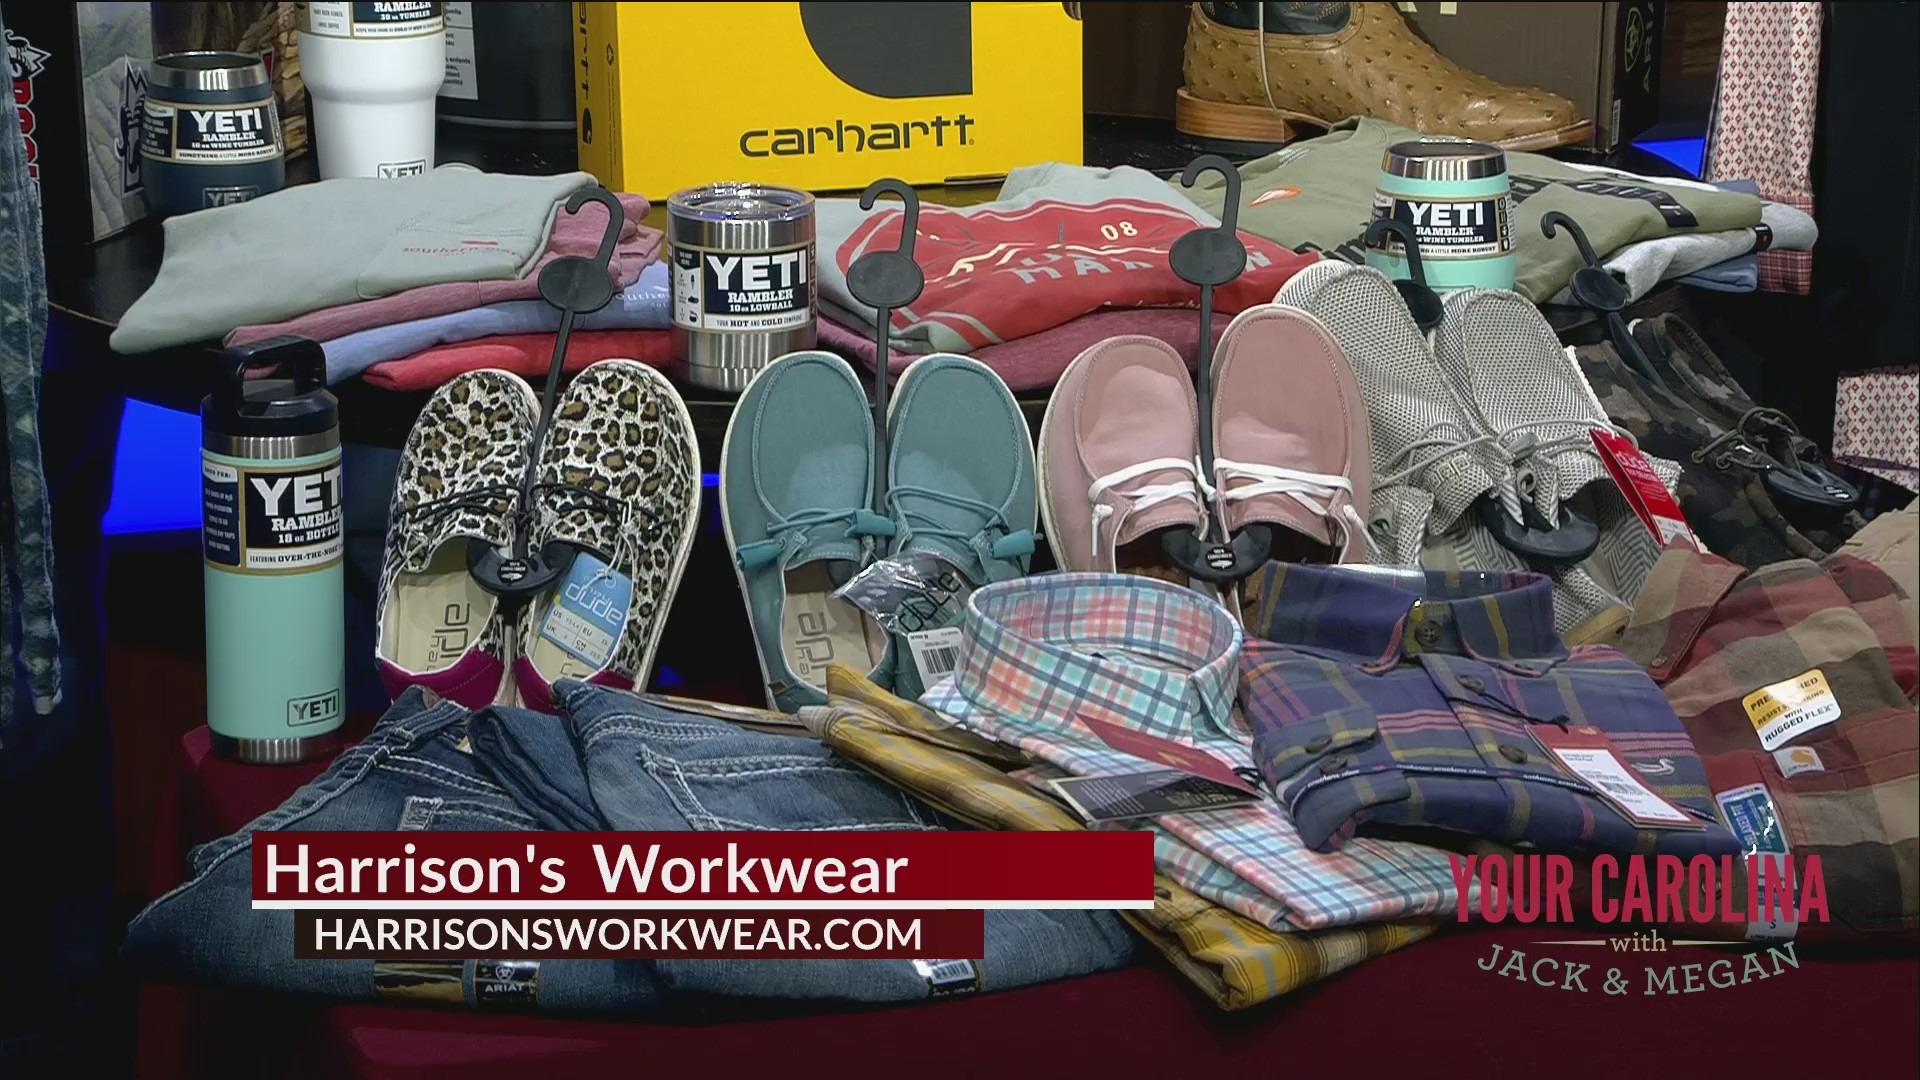 Harrison's Workwear